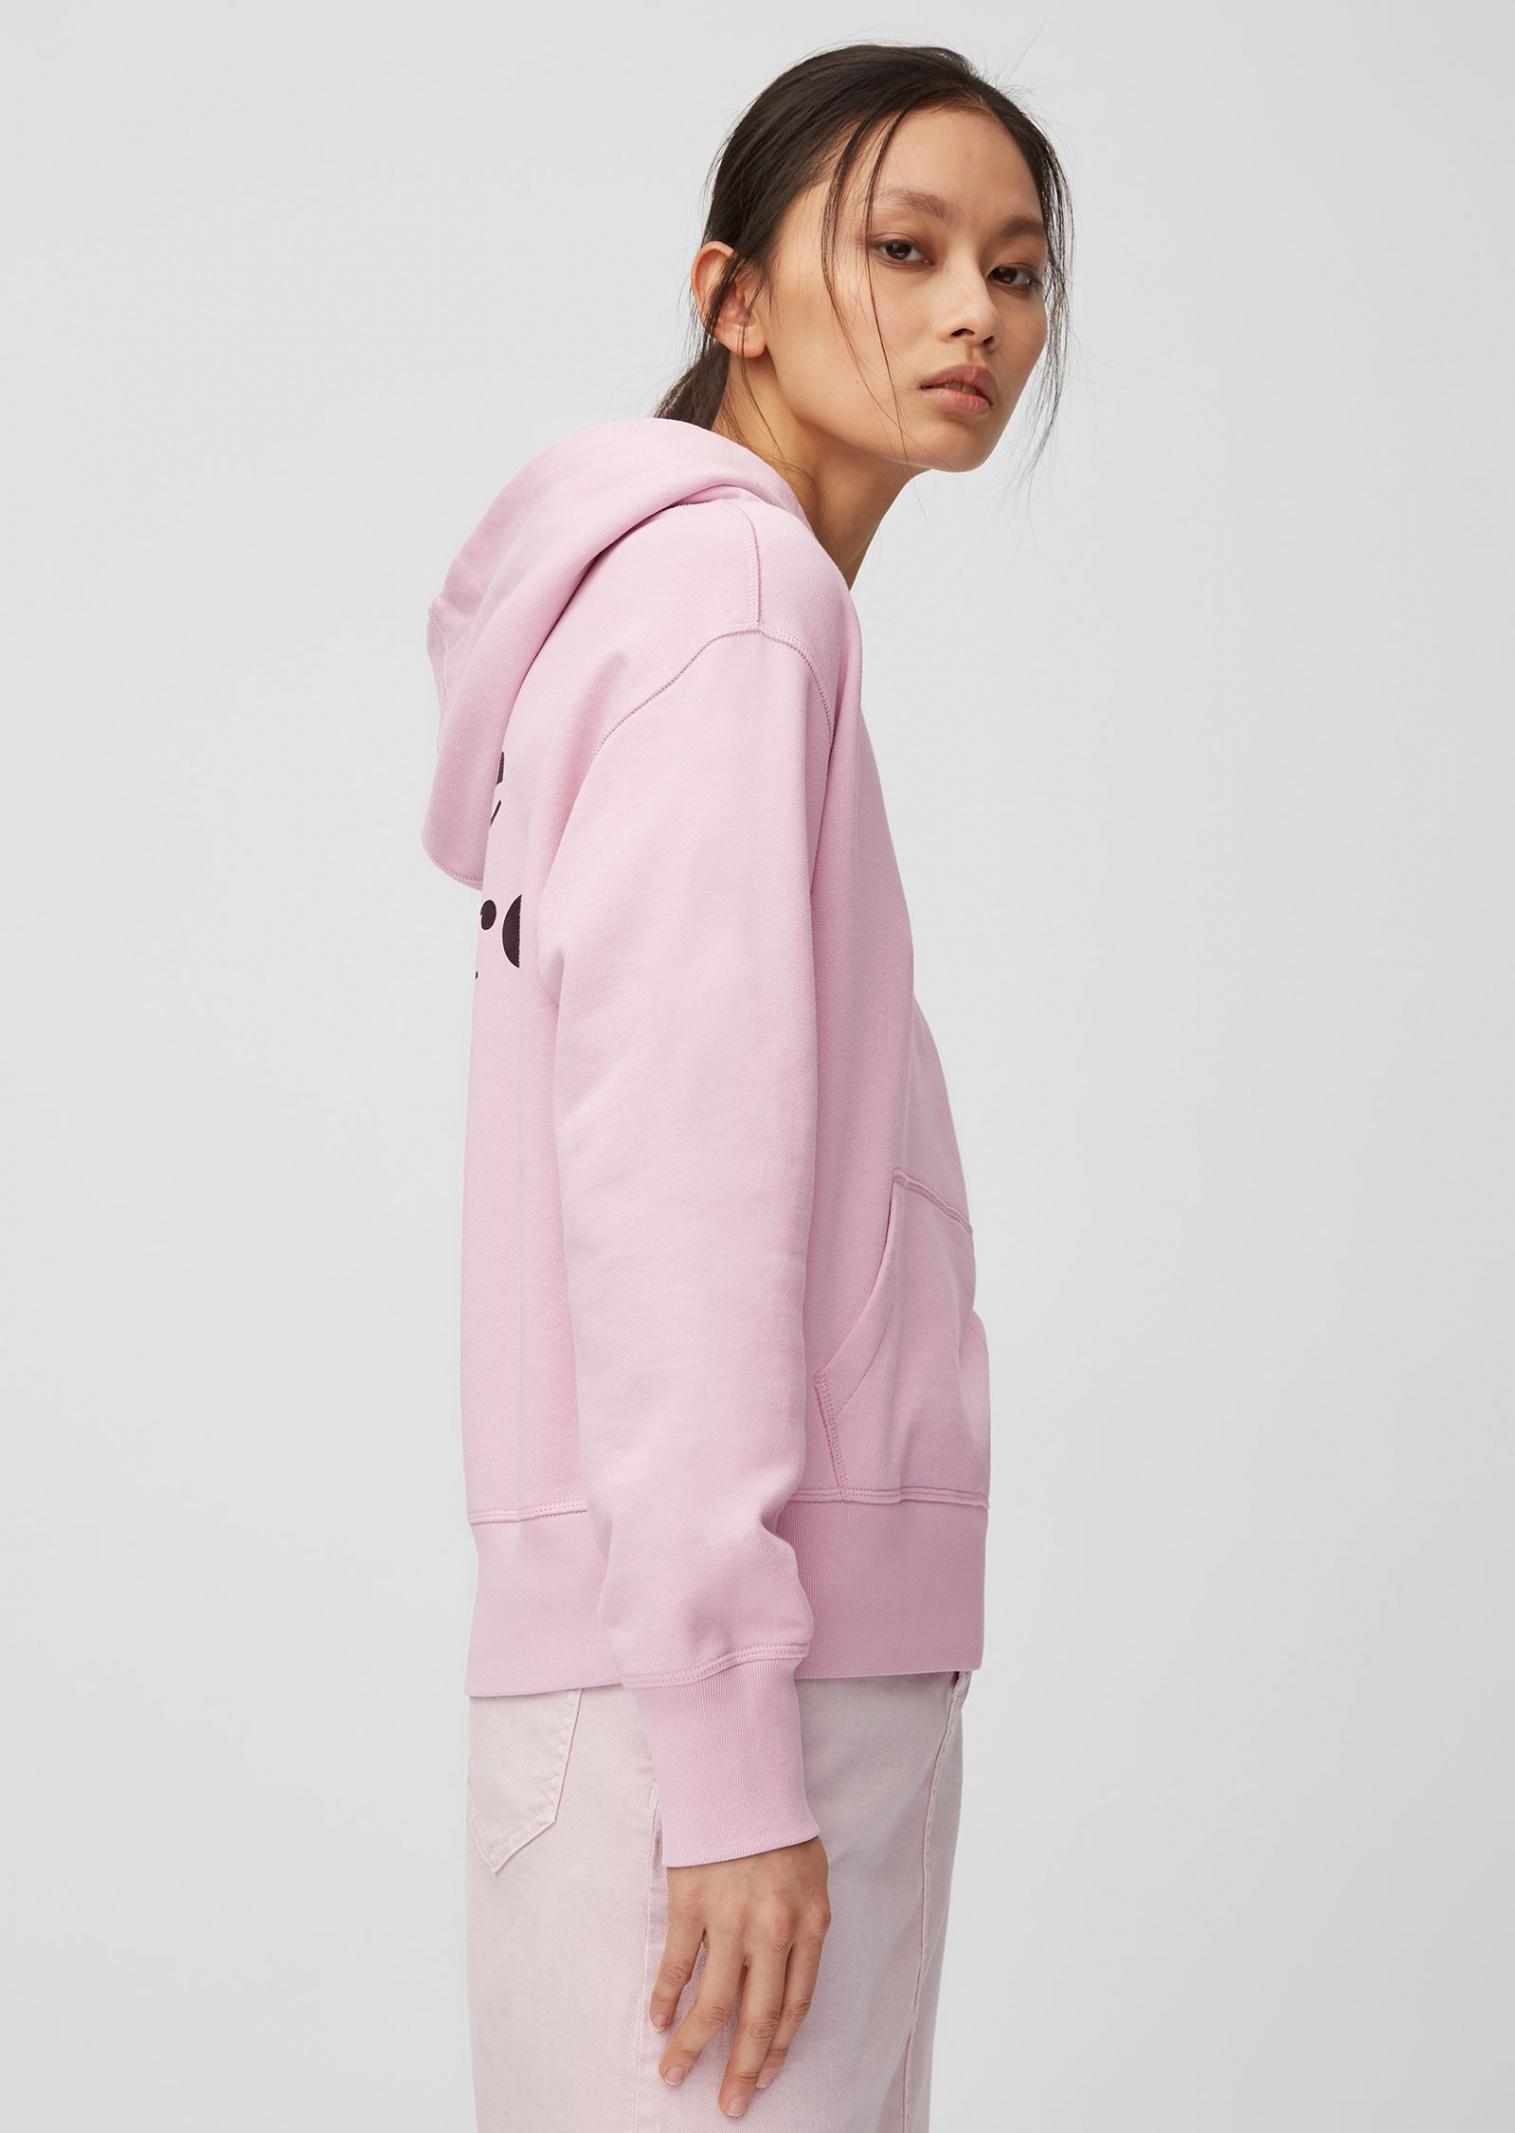 Кофты и свитера женские MARC O'POLO модель PF4005 качество, 2017